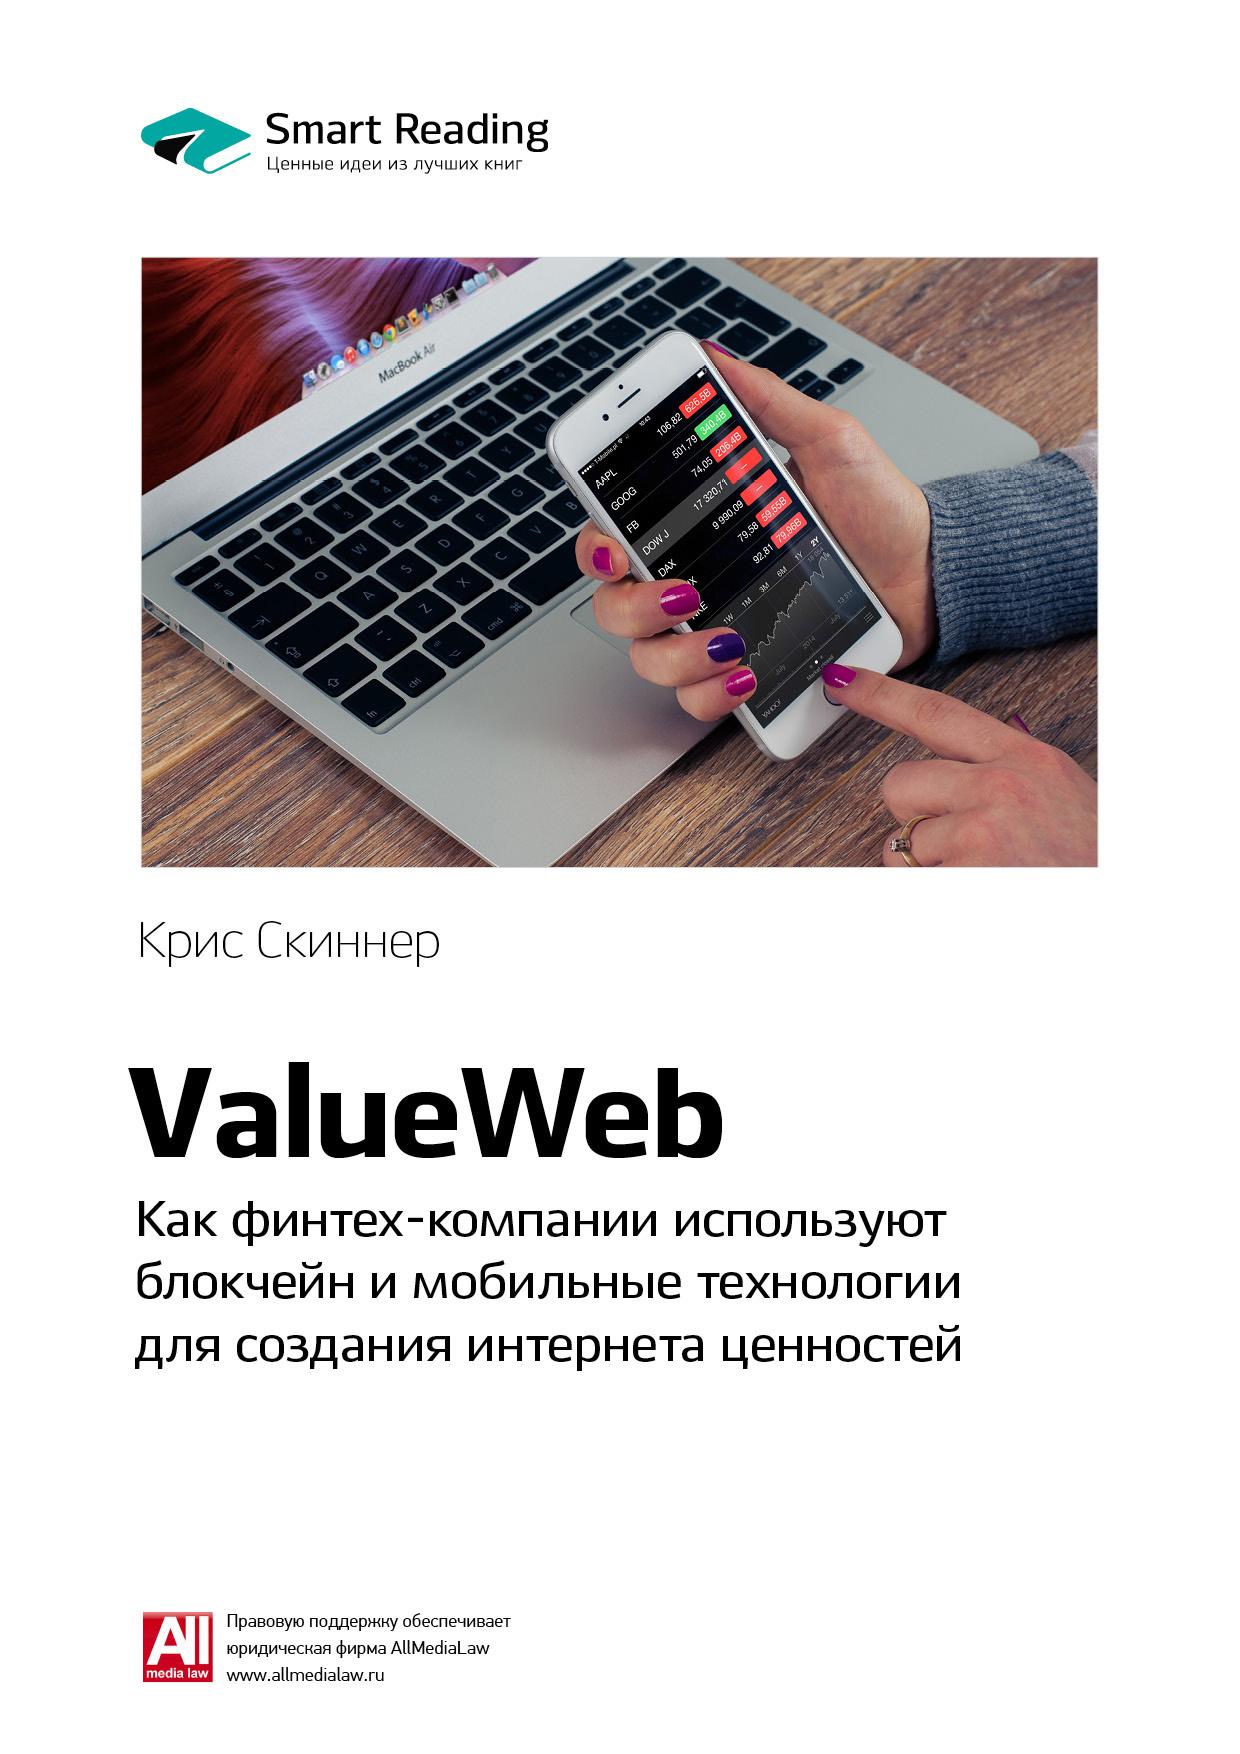 Купить книгу Ключевые идеи книги: ValueWeb. Как финтех-компании используют блокчейн и мобильные технологии для создания интернета ценностей. Крис Скиннер, автора М. С. Иванова